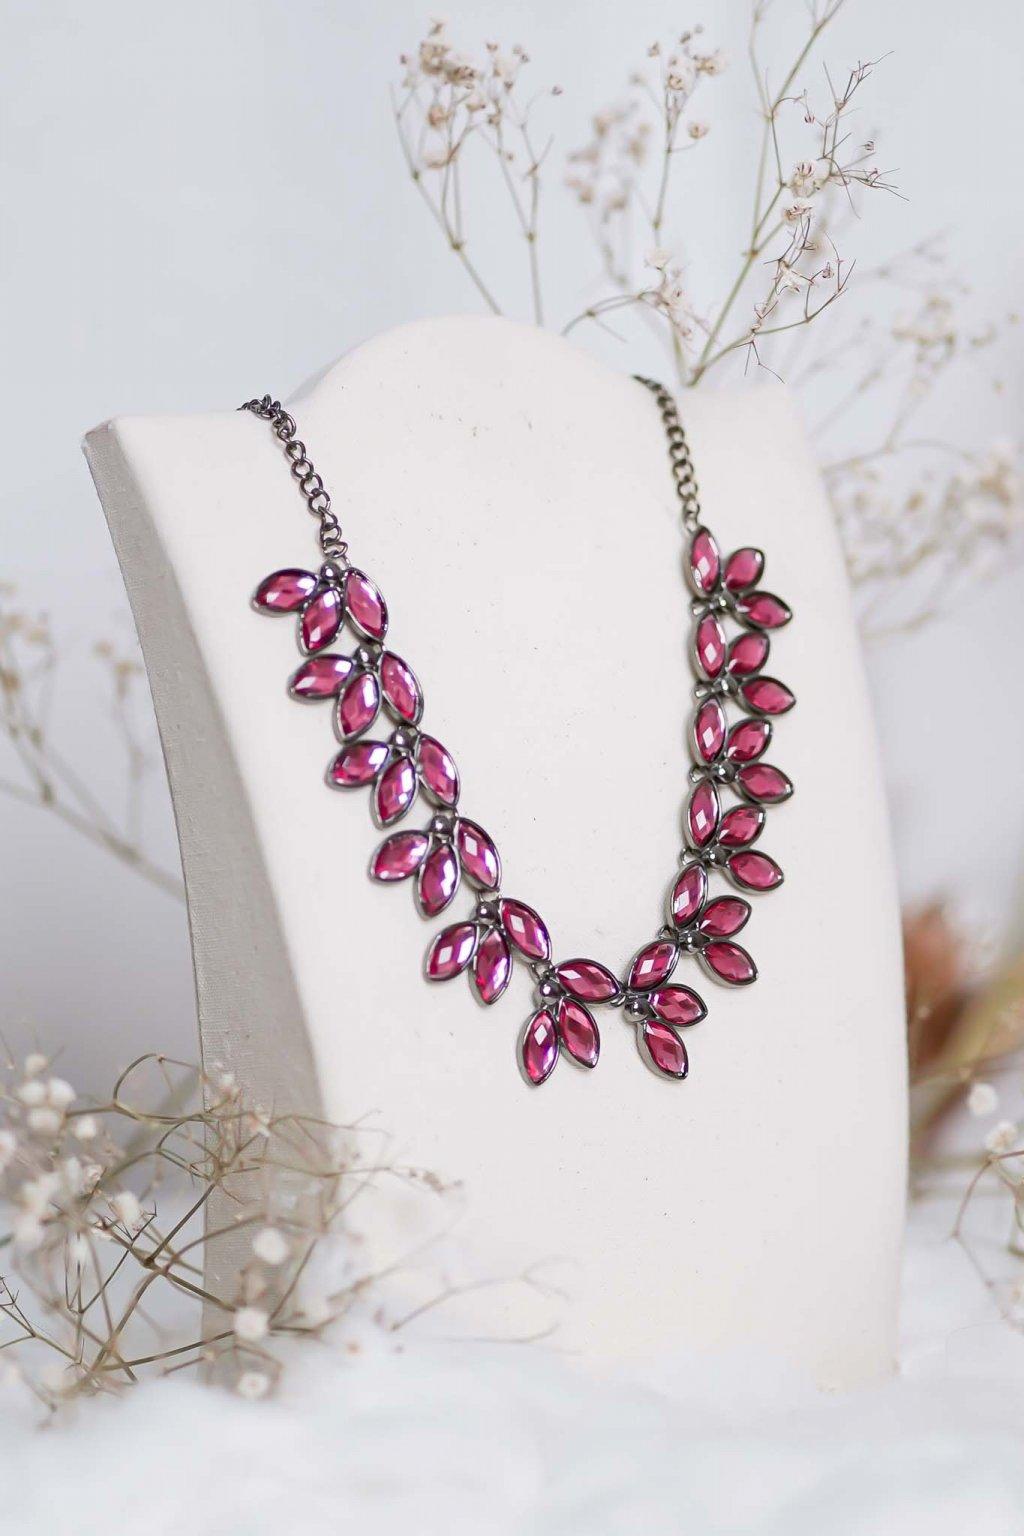 náhrdelník, spoločenský, bežný deň, kamienkový, farebný, čierny, strieborný, zelený, cyklamenévy, náhrdelník, bižuteria, šperk, šperky, ples, stužková, svadba, 036